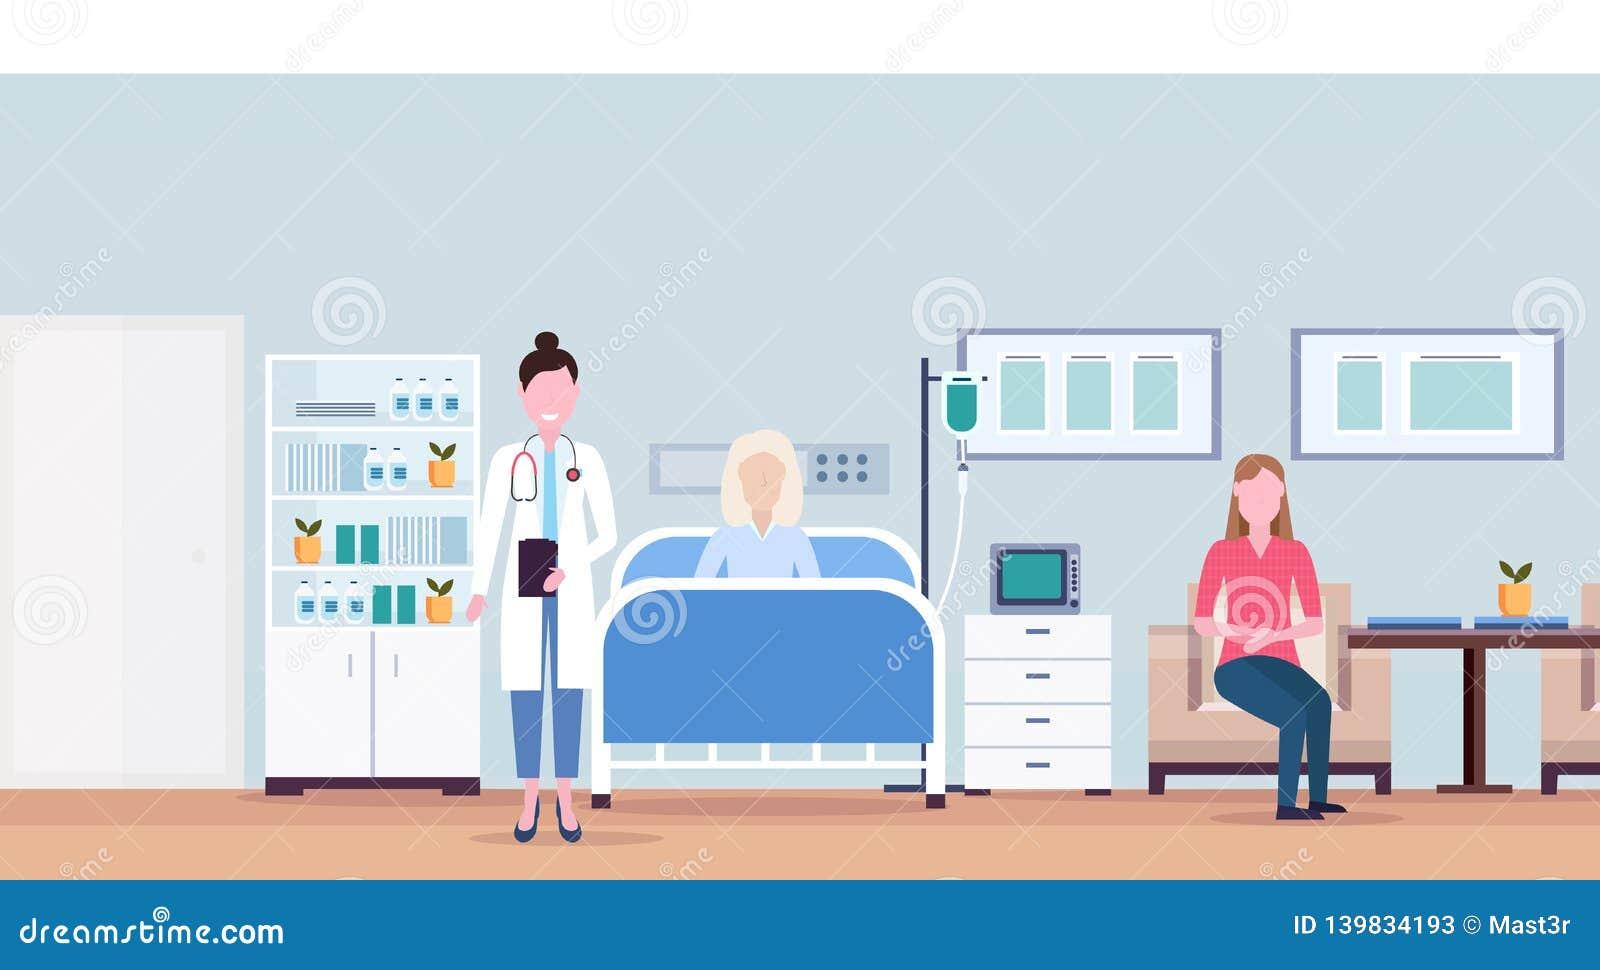 女性参观耐心资深妇女说谎的床密集的疗法病区医疗保健概念医房的医生和女孩